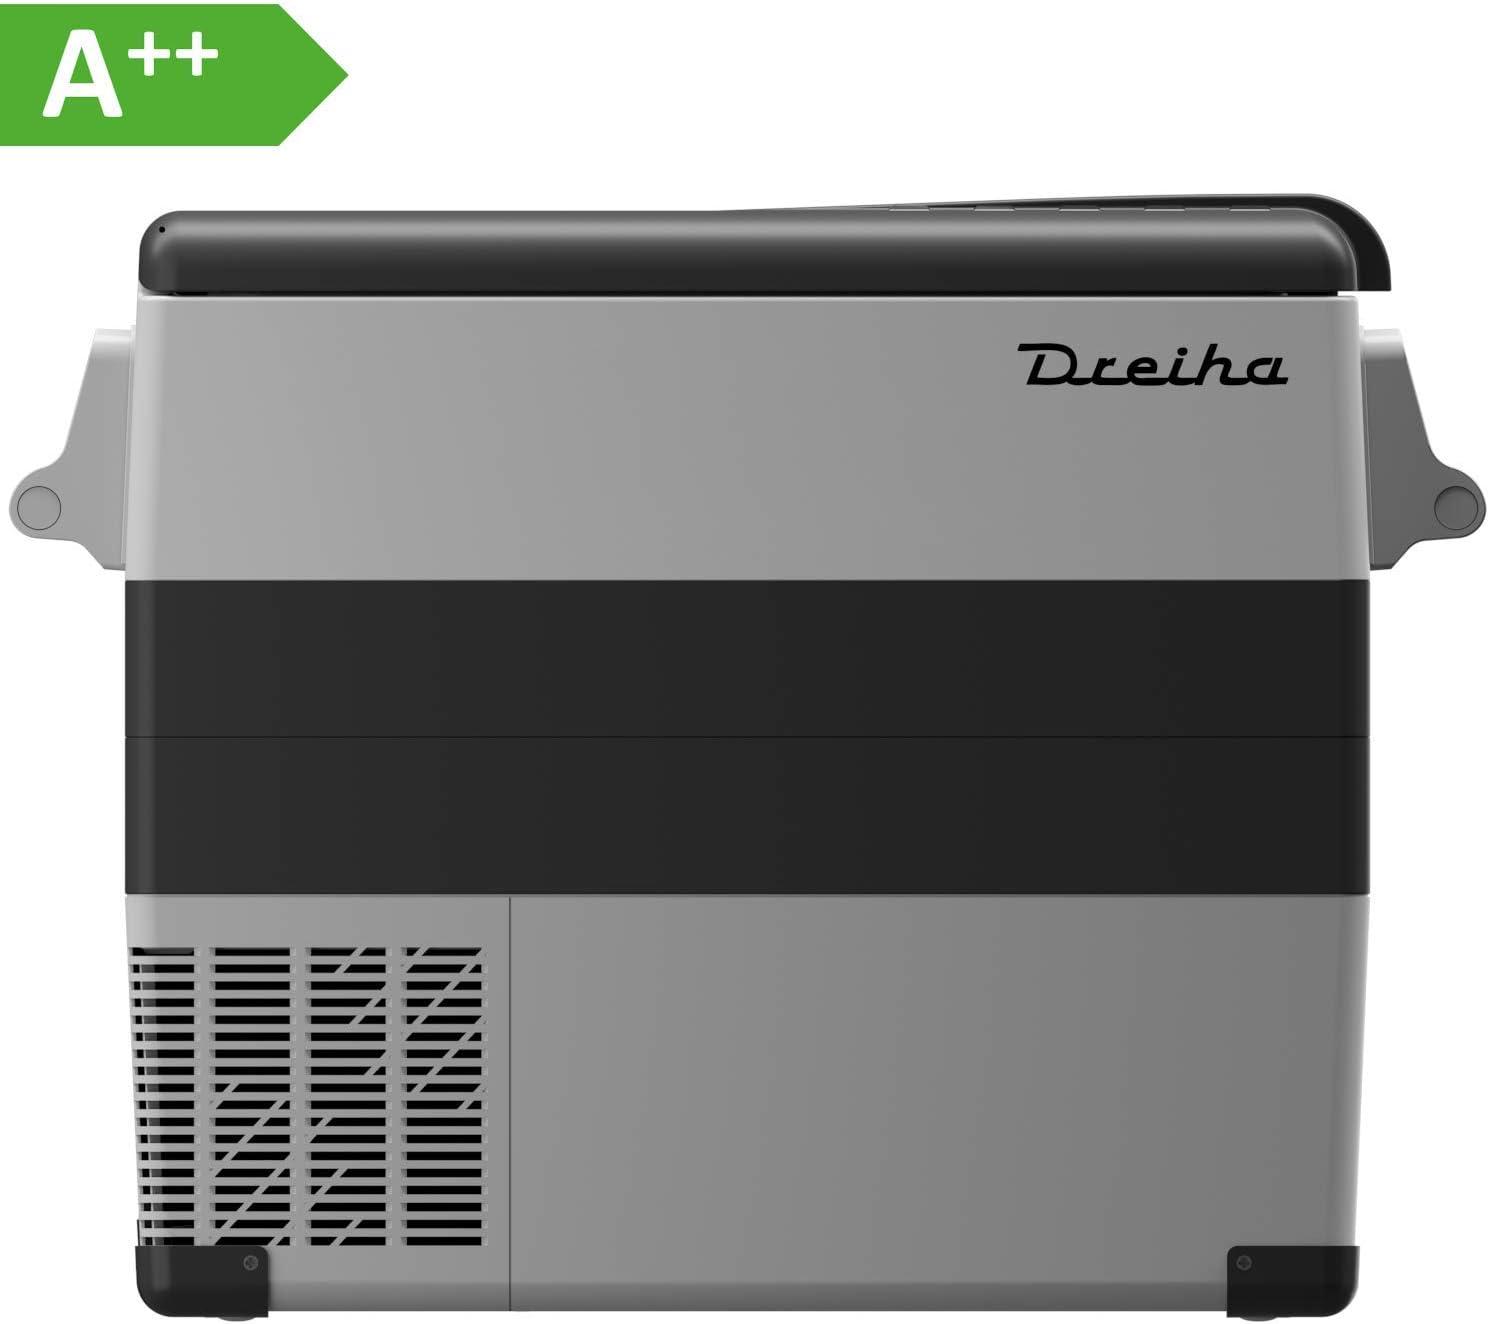 Dreiha CBX55 - Nevera Portátil con Compresor LG, CoolingBox 55 litros de Capacidad, Conexiones 12V / 24V 0 110V/ 220V, Enfriamiento de -20ºC a +20ºC. Incluye Cesta